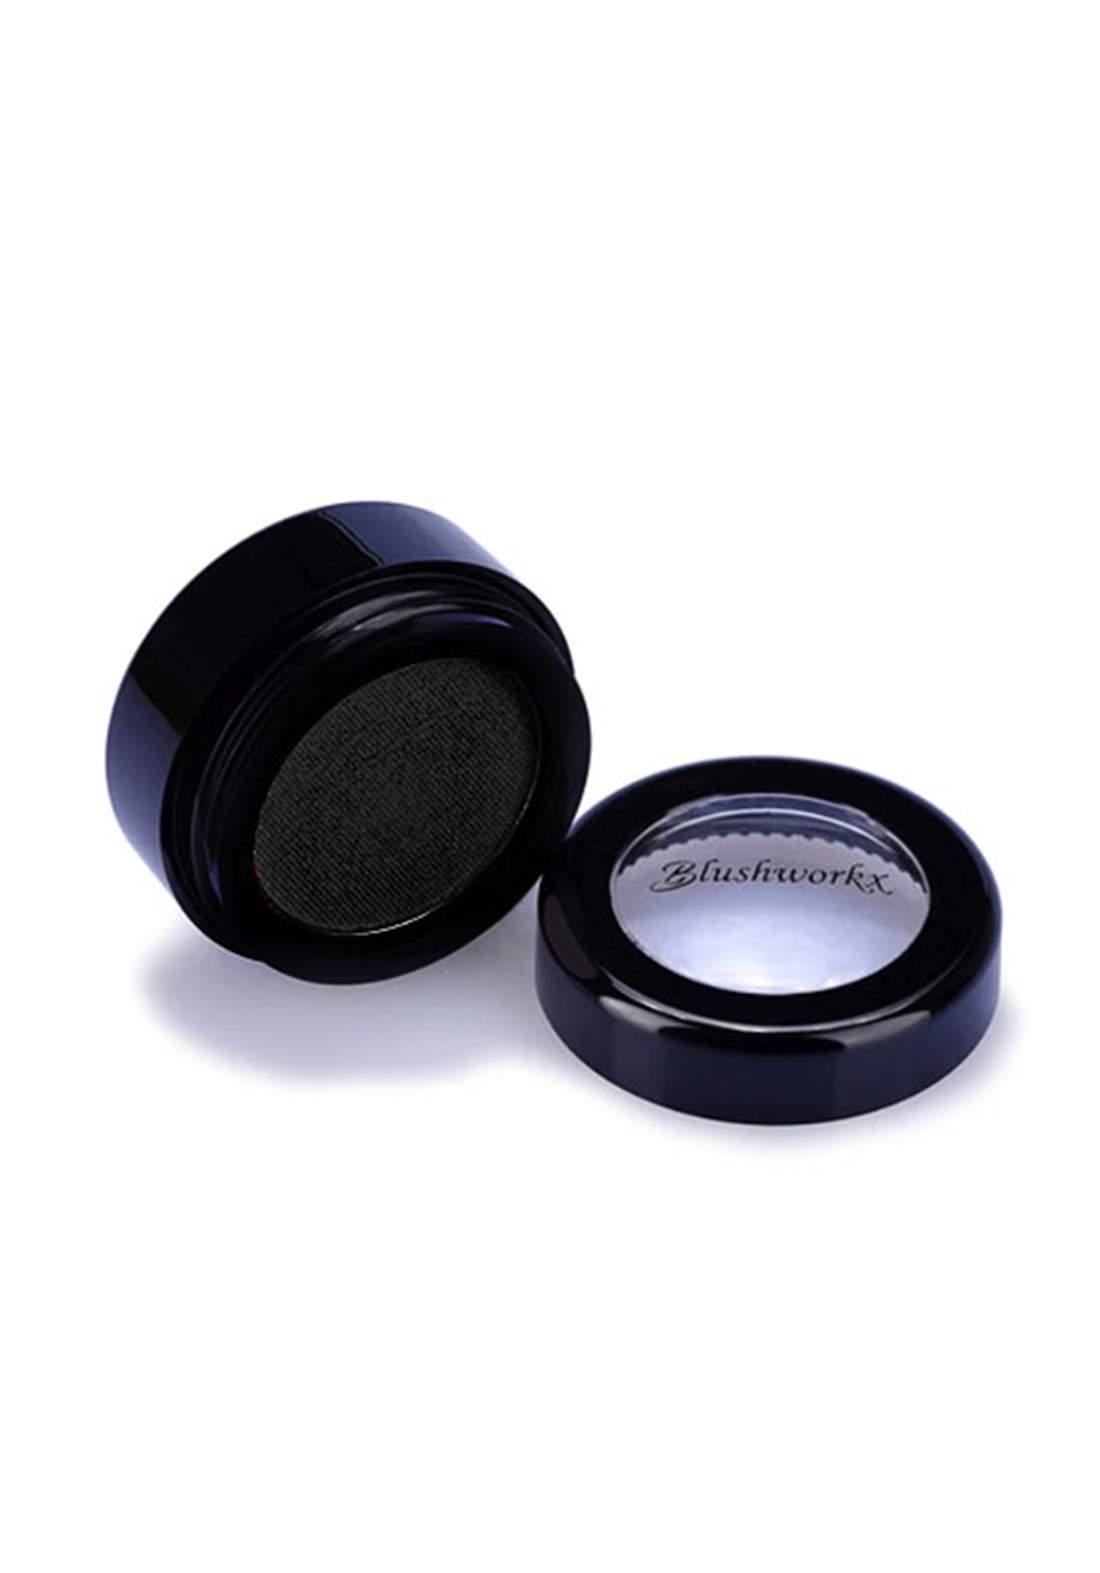 Blushworkx Hollywood Mineral Eye Color No.B91 True Black 1.8g ظلال للعيون